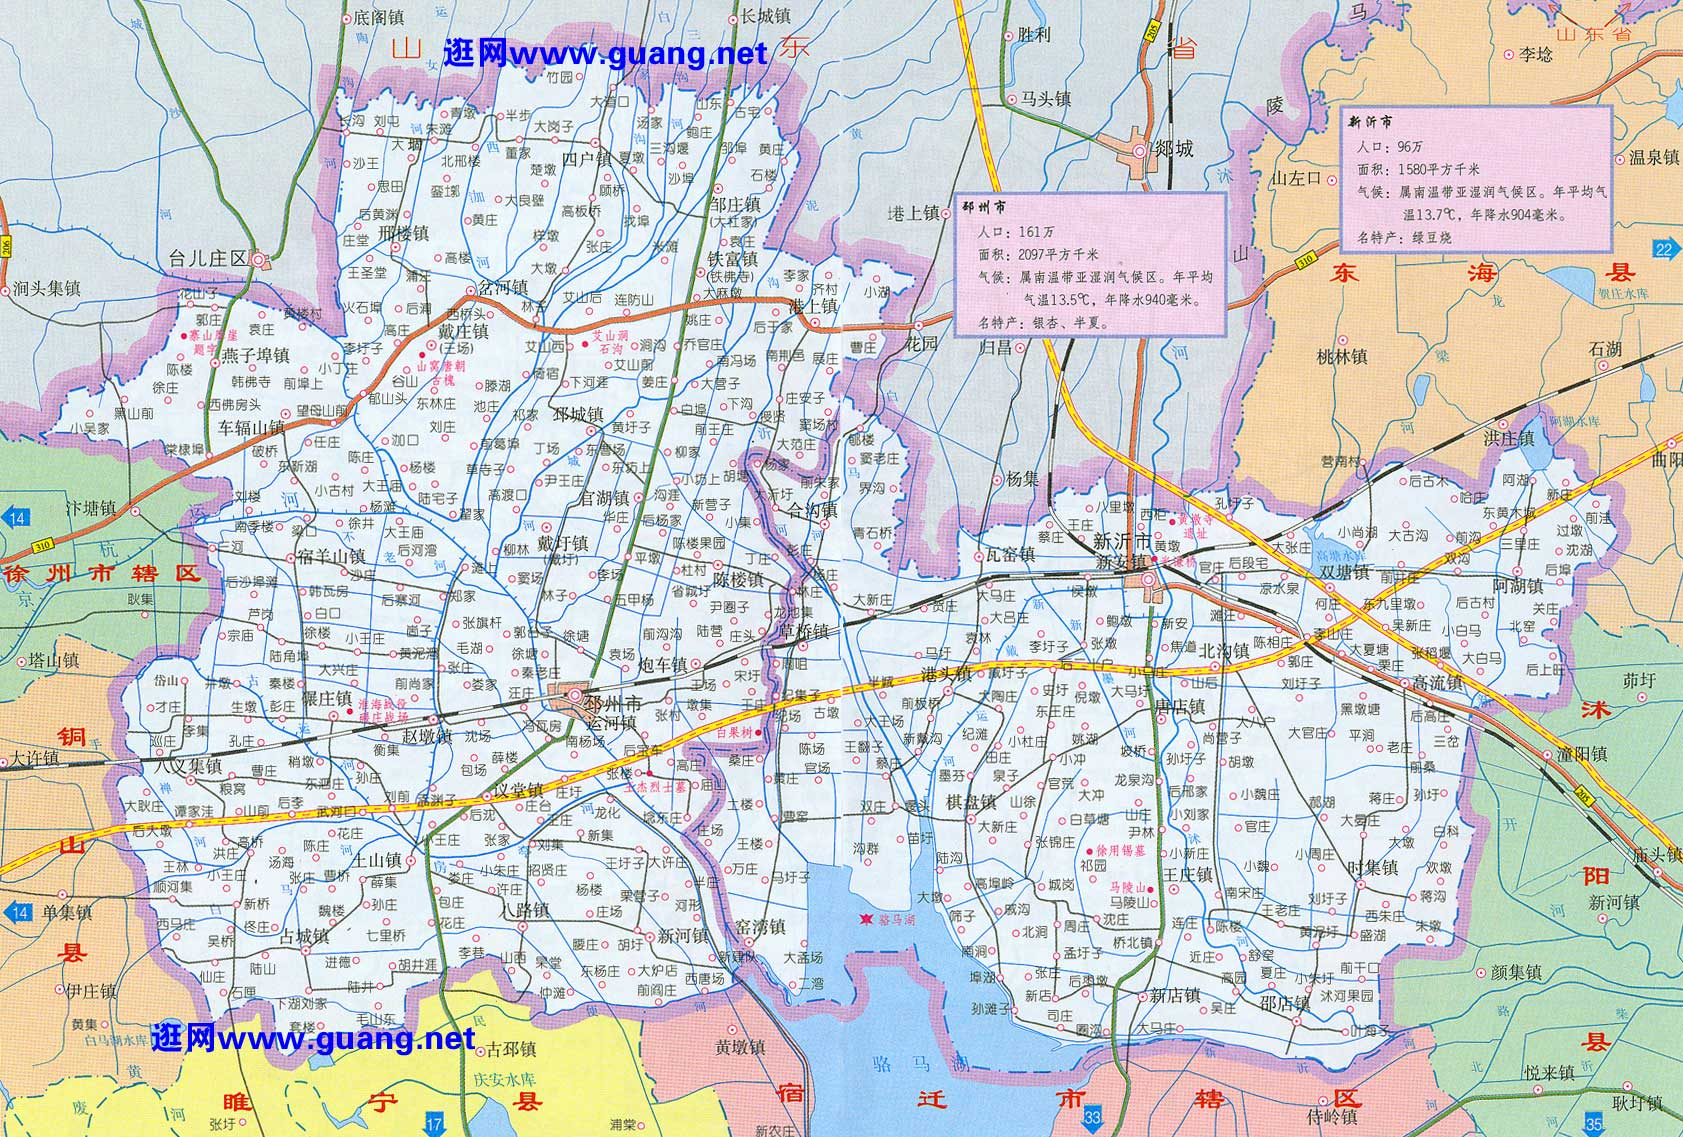 2015年版邳州地图,新沂地图